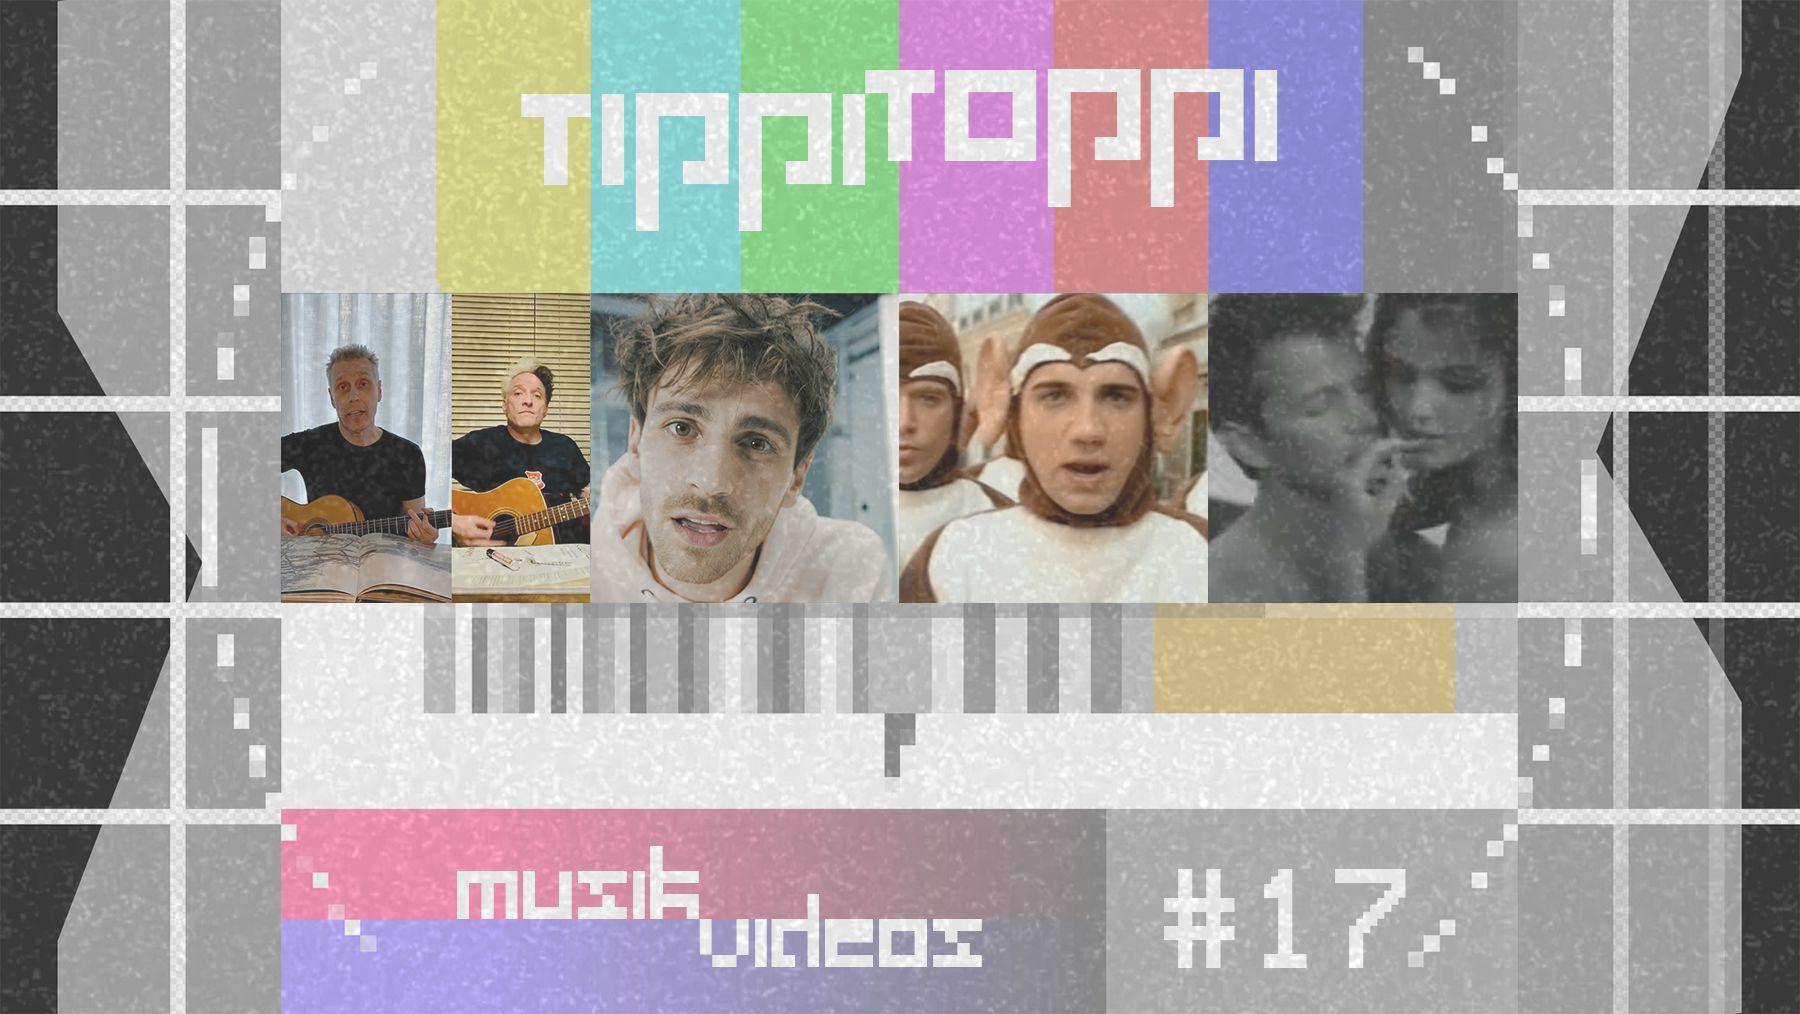 Tippi Toppi Musikvideos Vol. 17 – Das vorletzte Video verändert dein Leben (ein bisschen vielleicht) | Musik | Was is hier eigentlich los?